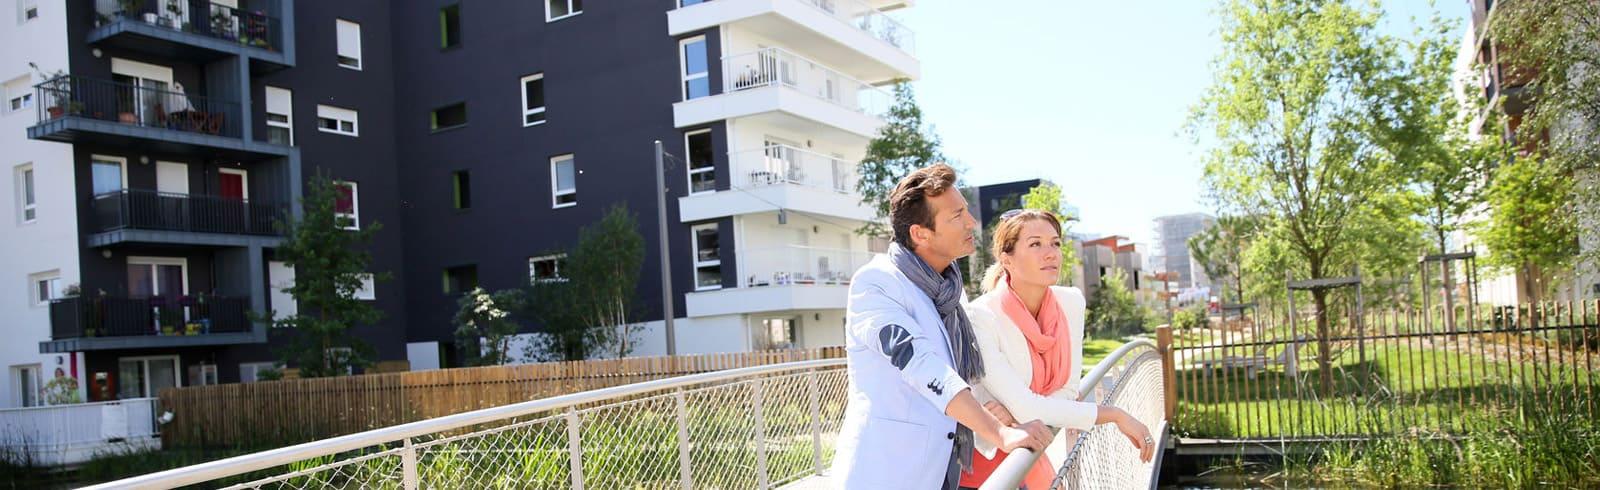 immobilienverwaltung-slider3